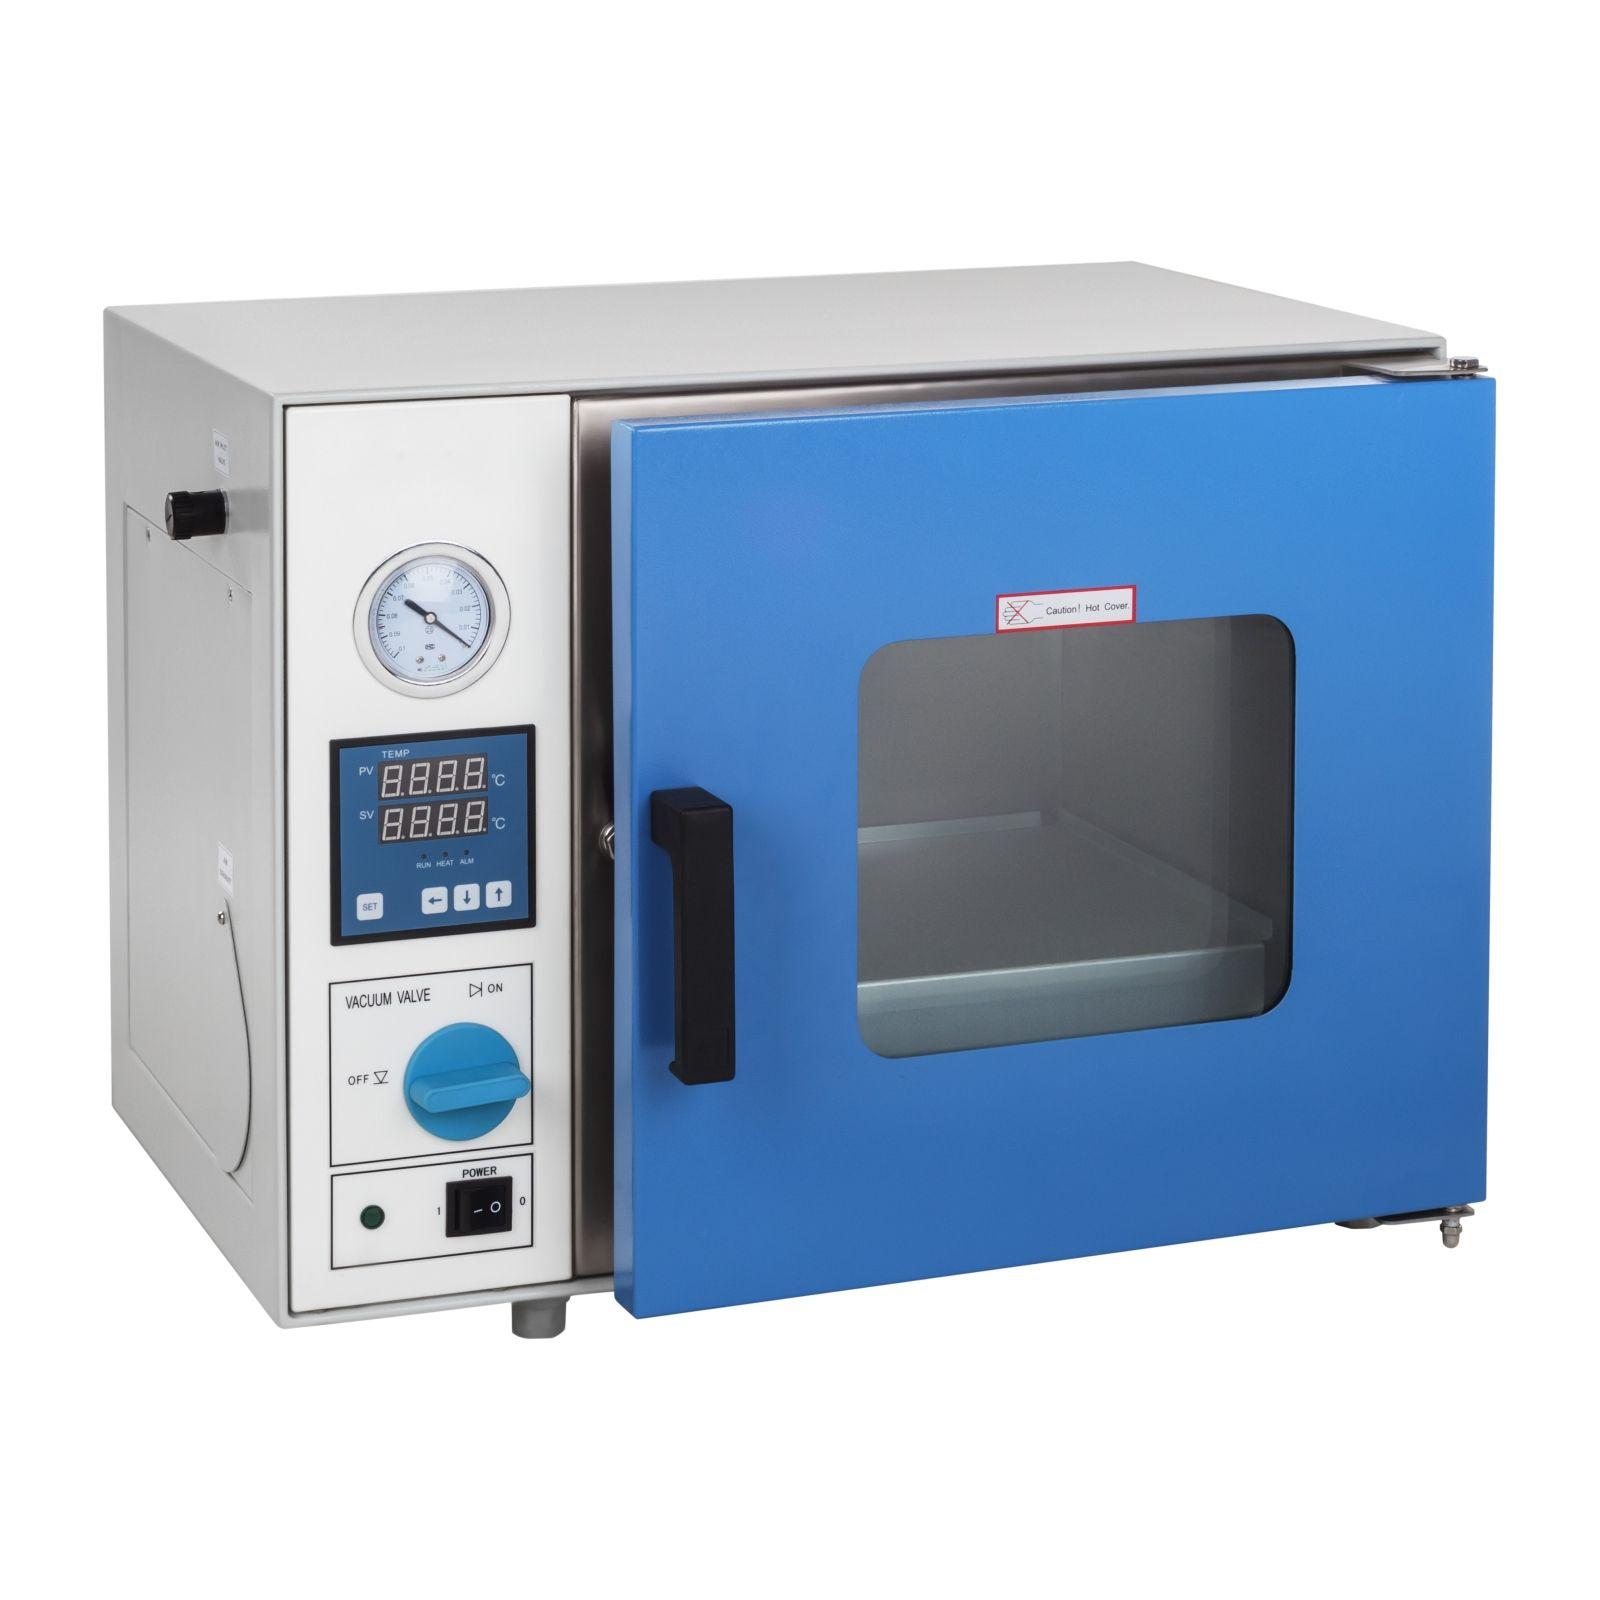 goldbrunn essiccatore sotto vuoto - 450 watt - per uso professionale